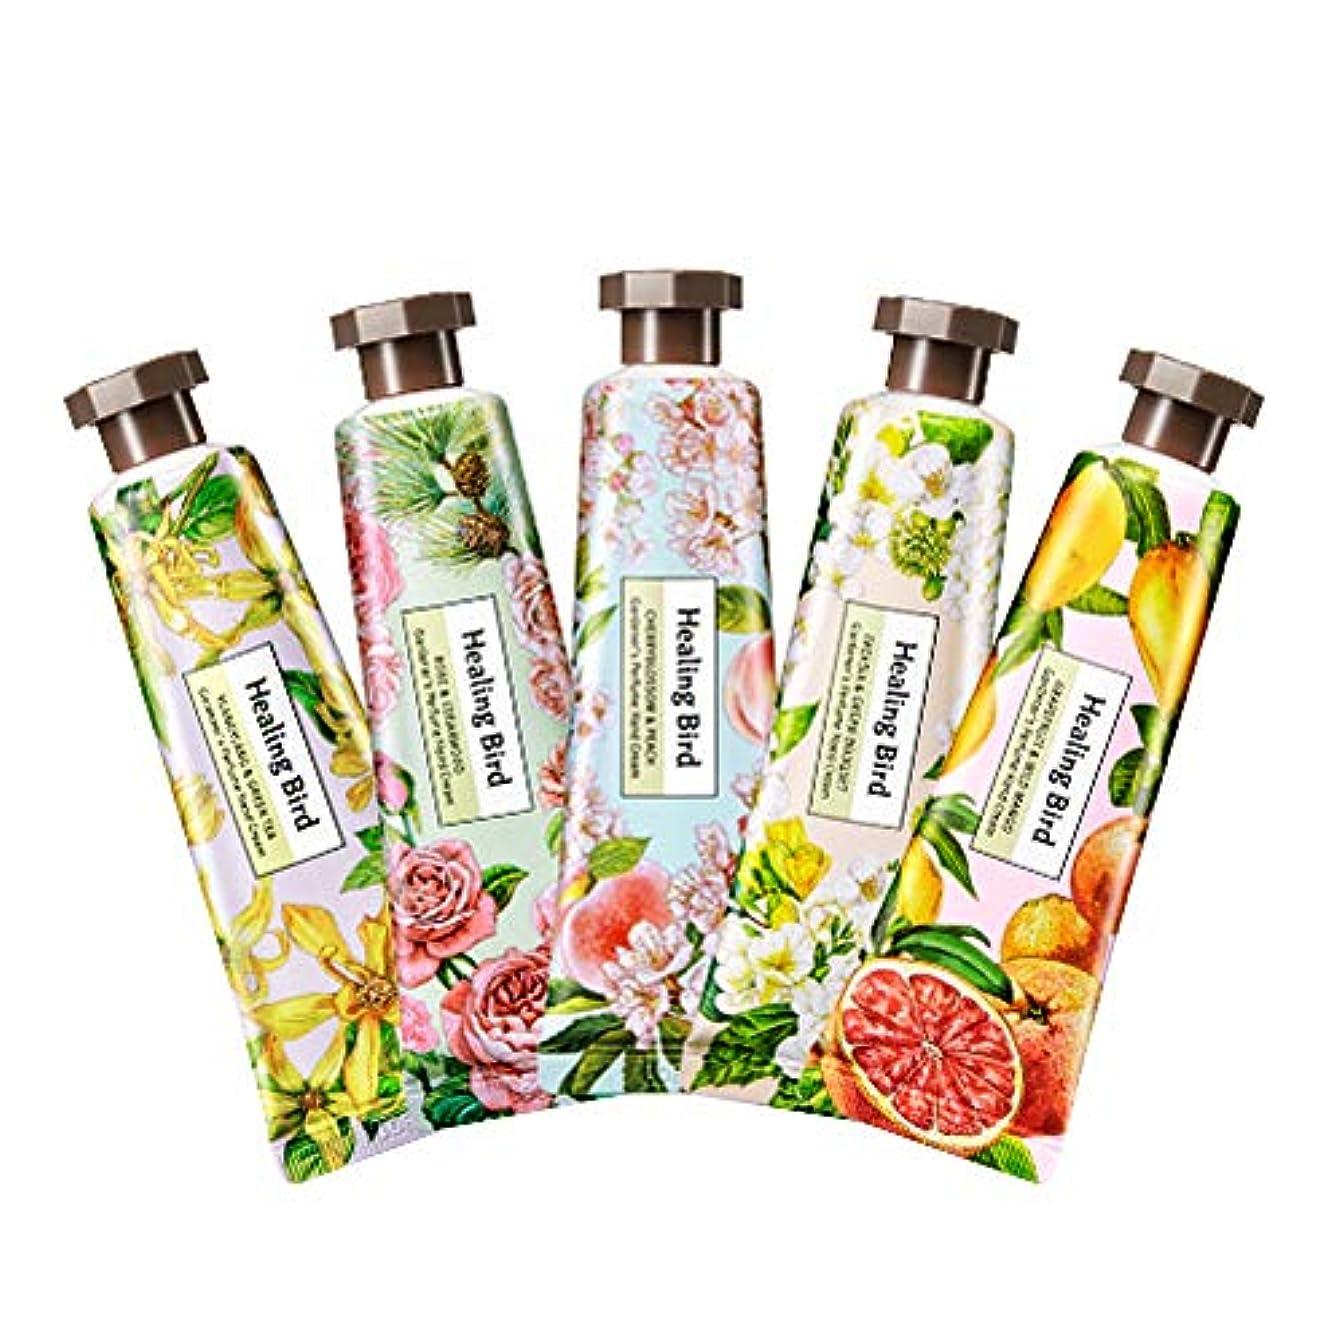 驚いた贅沢な逃げるHealing Bird Gardener's Perfume Hand Cream 30ml ヒーリングバード カドゥノスパヒュームハンドクリーム (Rose & Cedarwood) [並行輸入品]